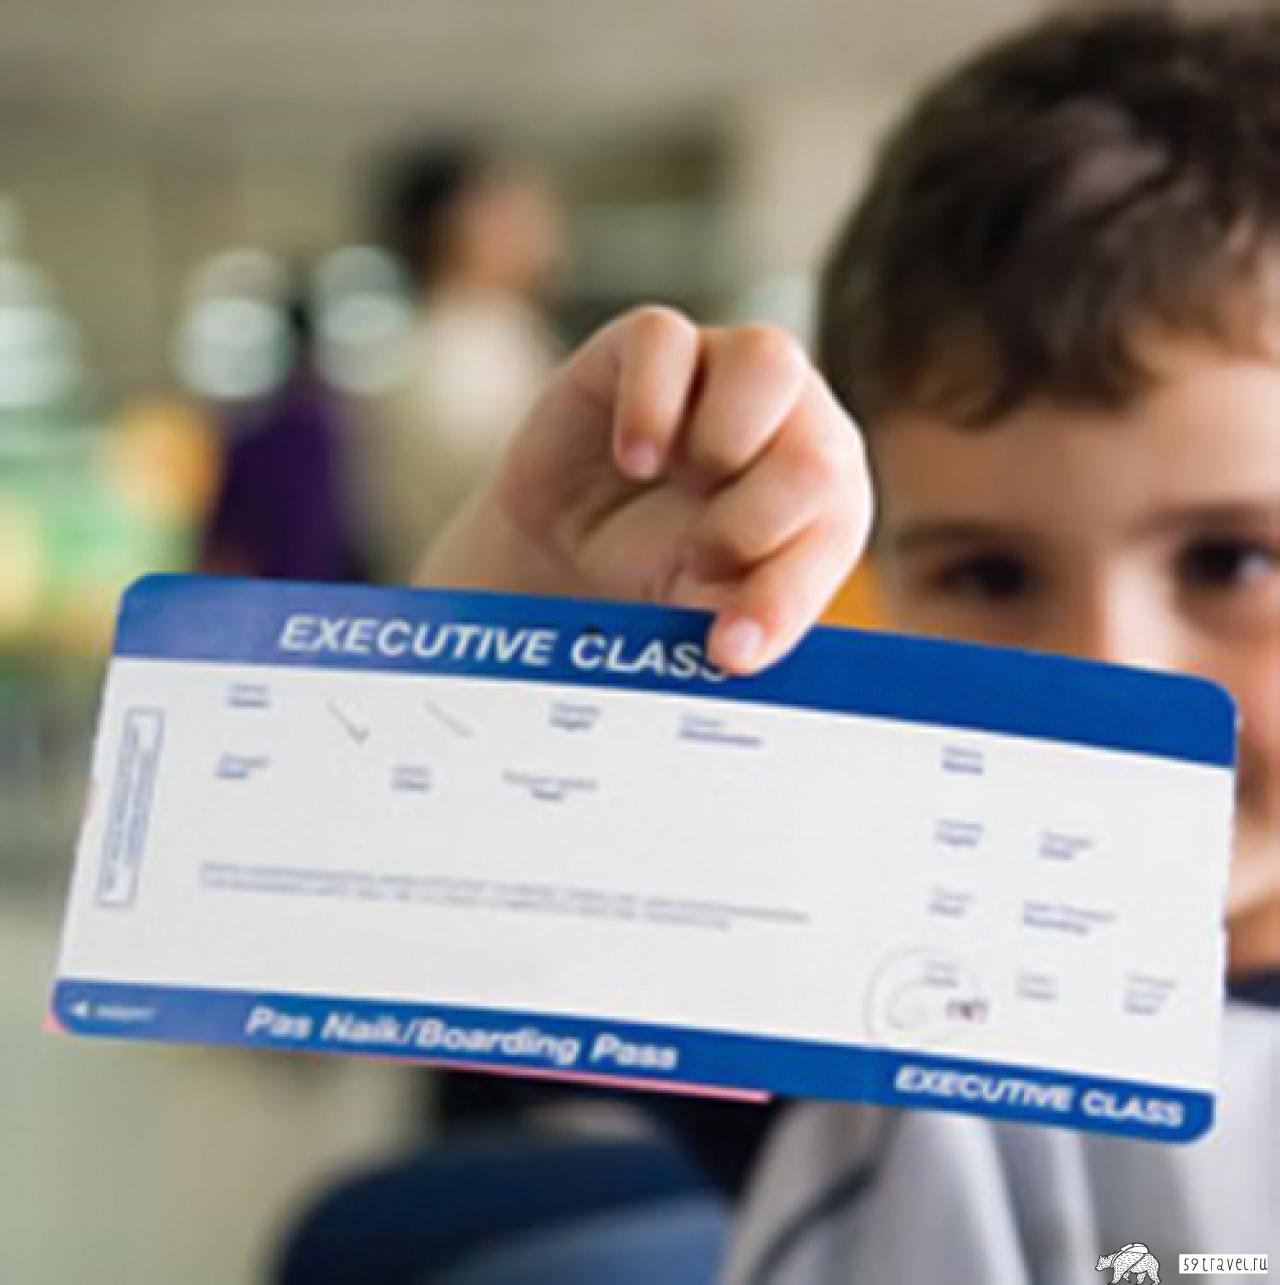 Образец заполнения анкеты на биометрический паспорт нового